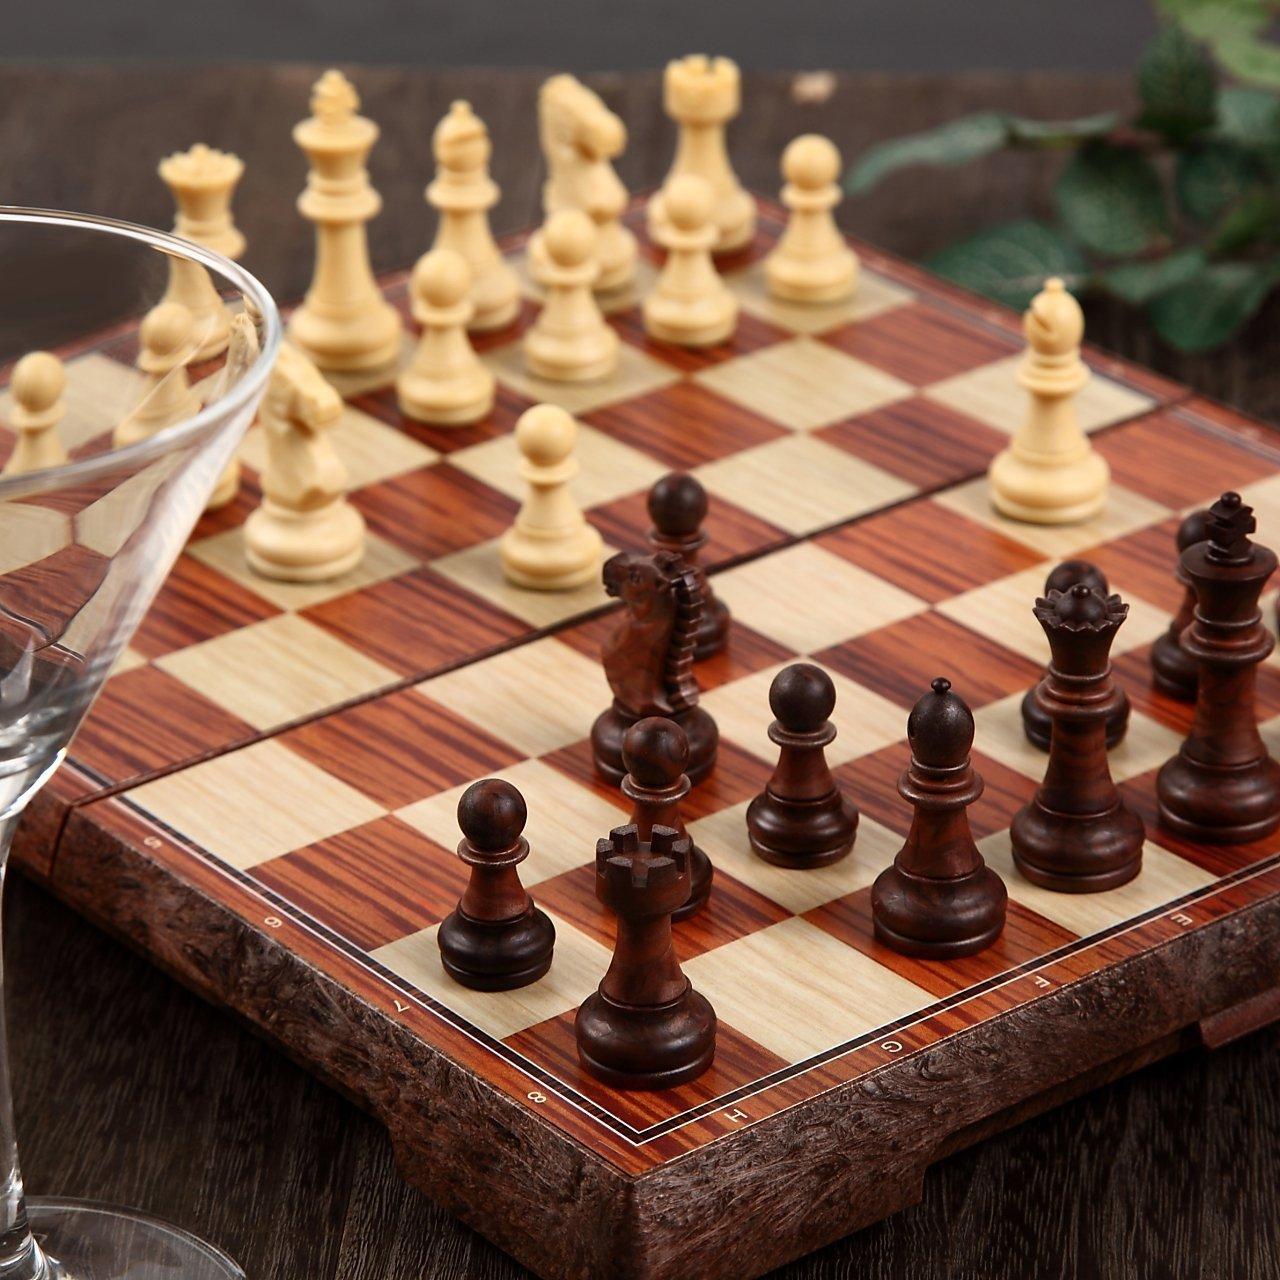 チェスのおすすめ5選&選び方【おしゃれな木製も】